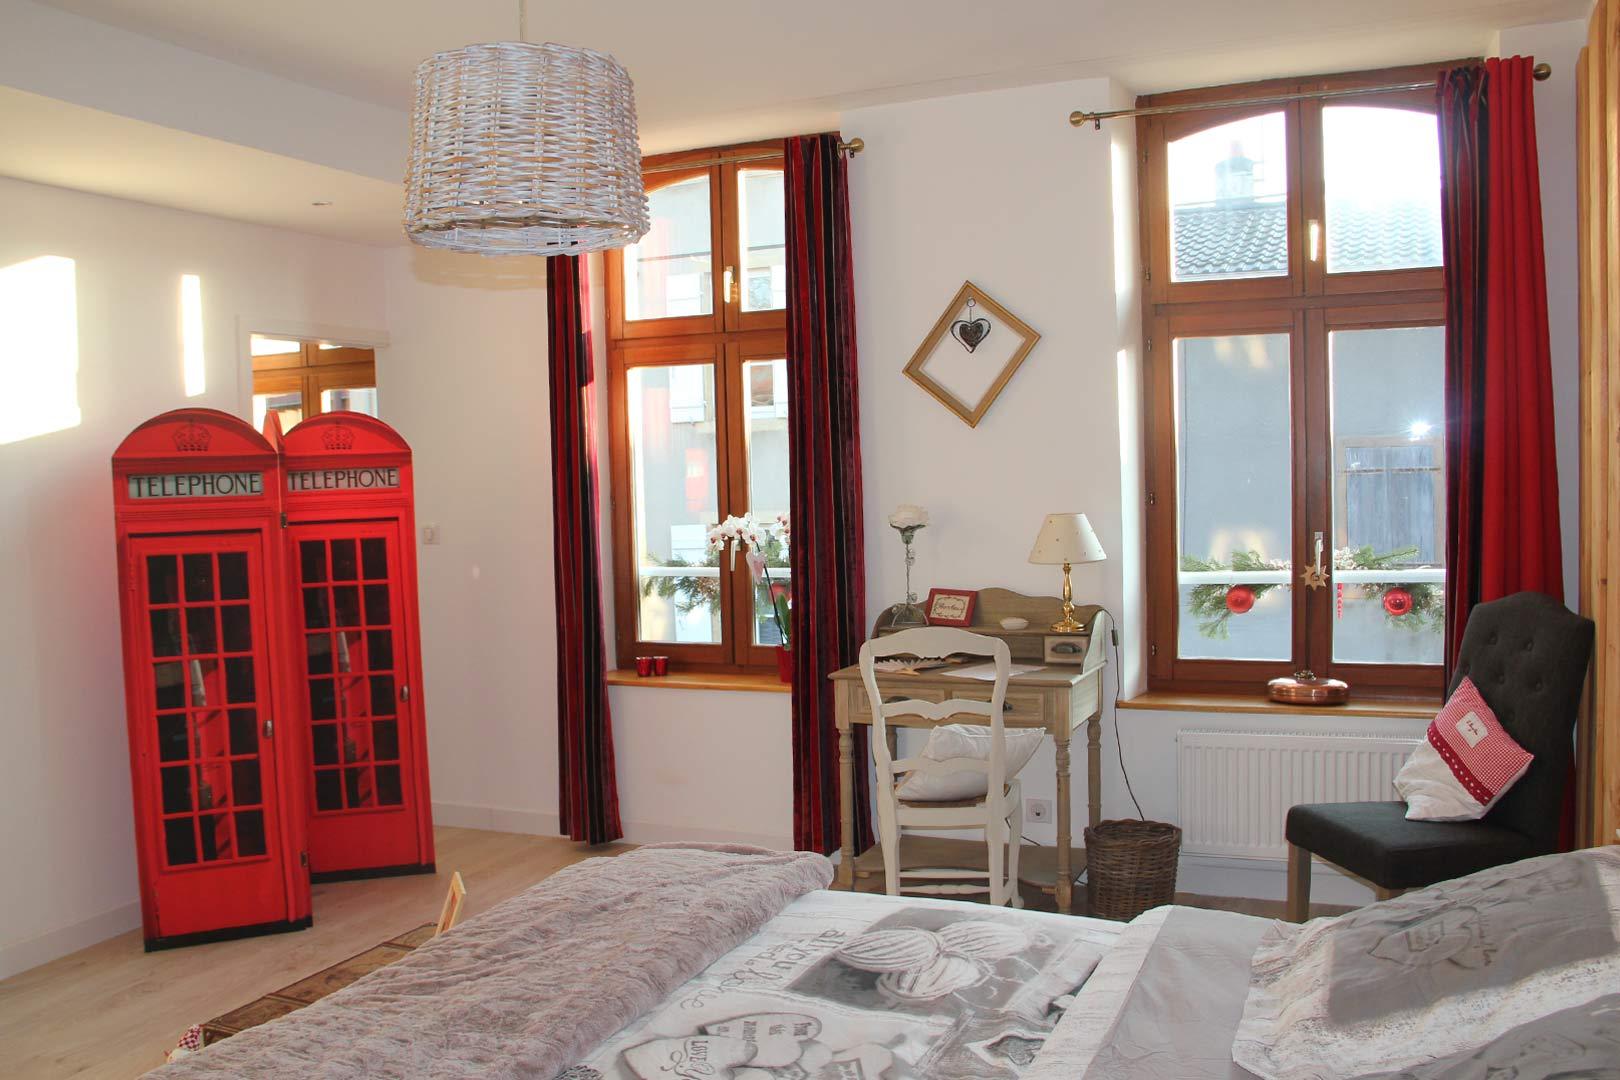 chambre montagnarde la chambre montagne la chambre montagne deco chambre montagne chalet with. Black Bedroom Furniture Sets. Home Design Ideas